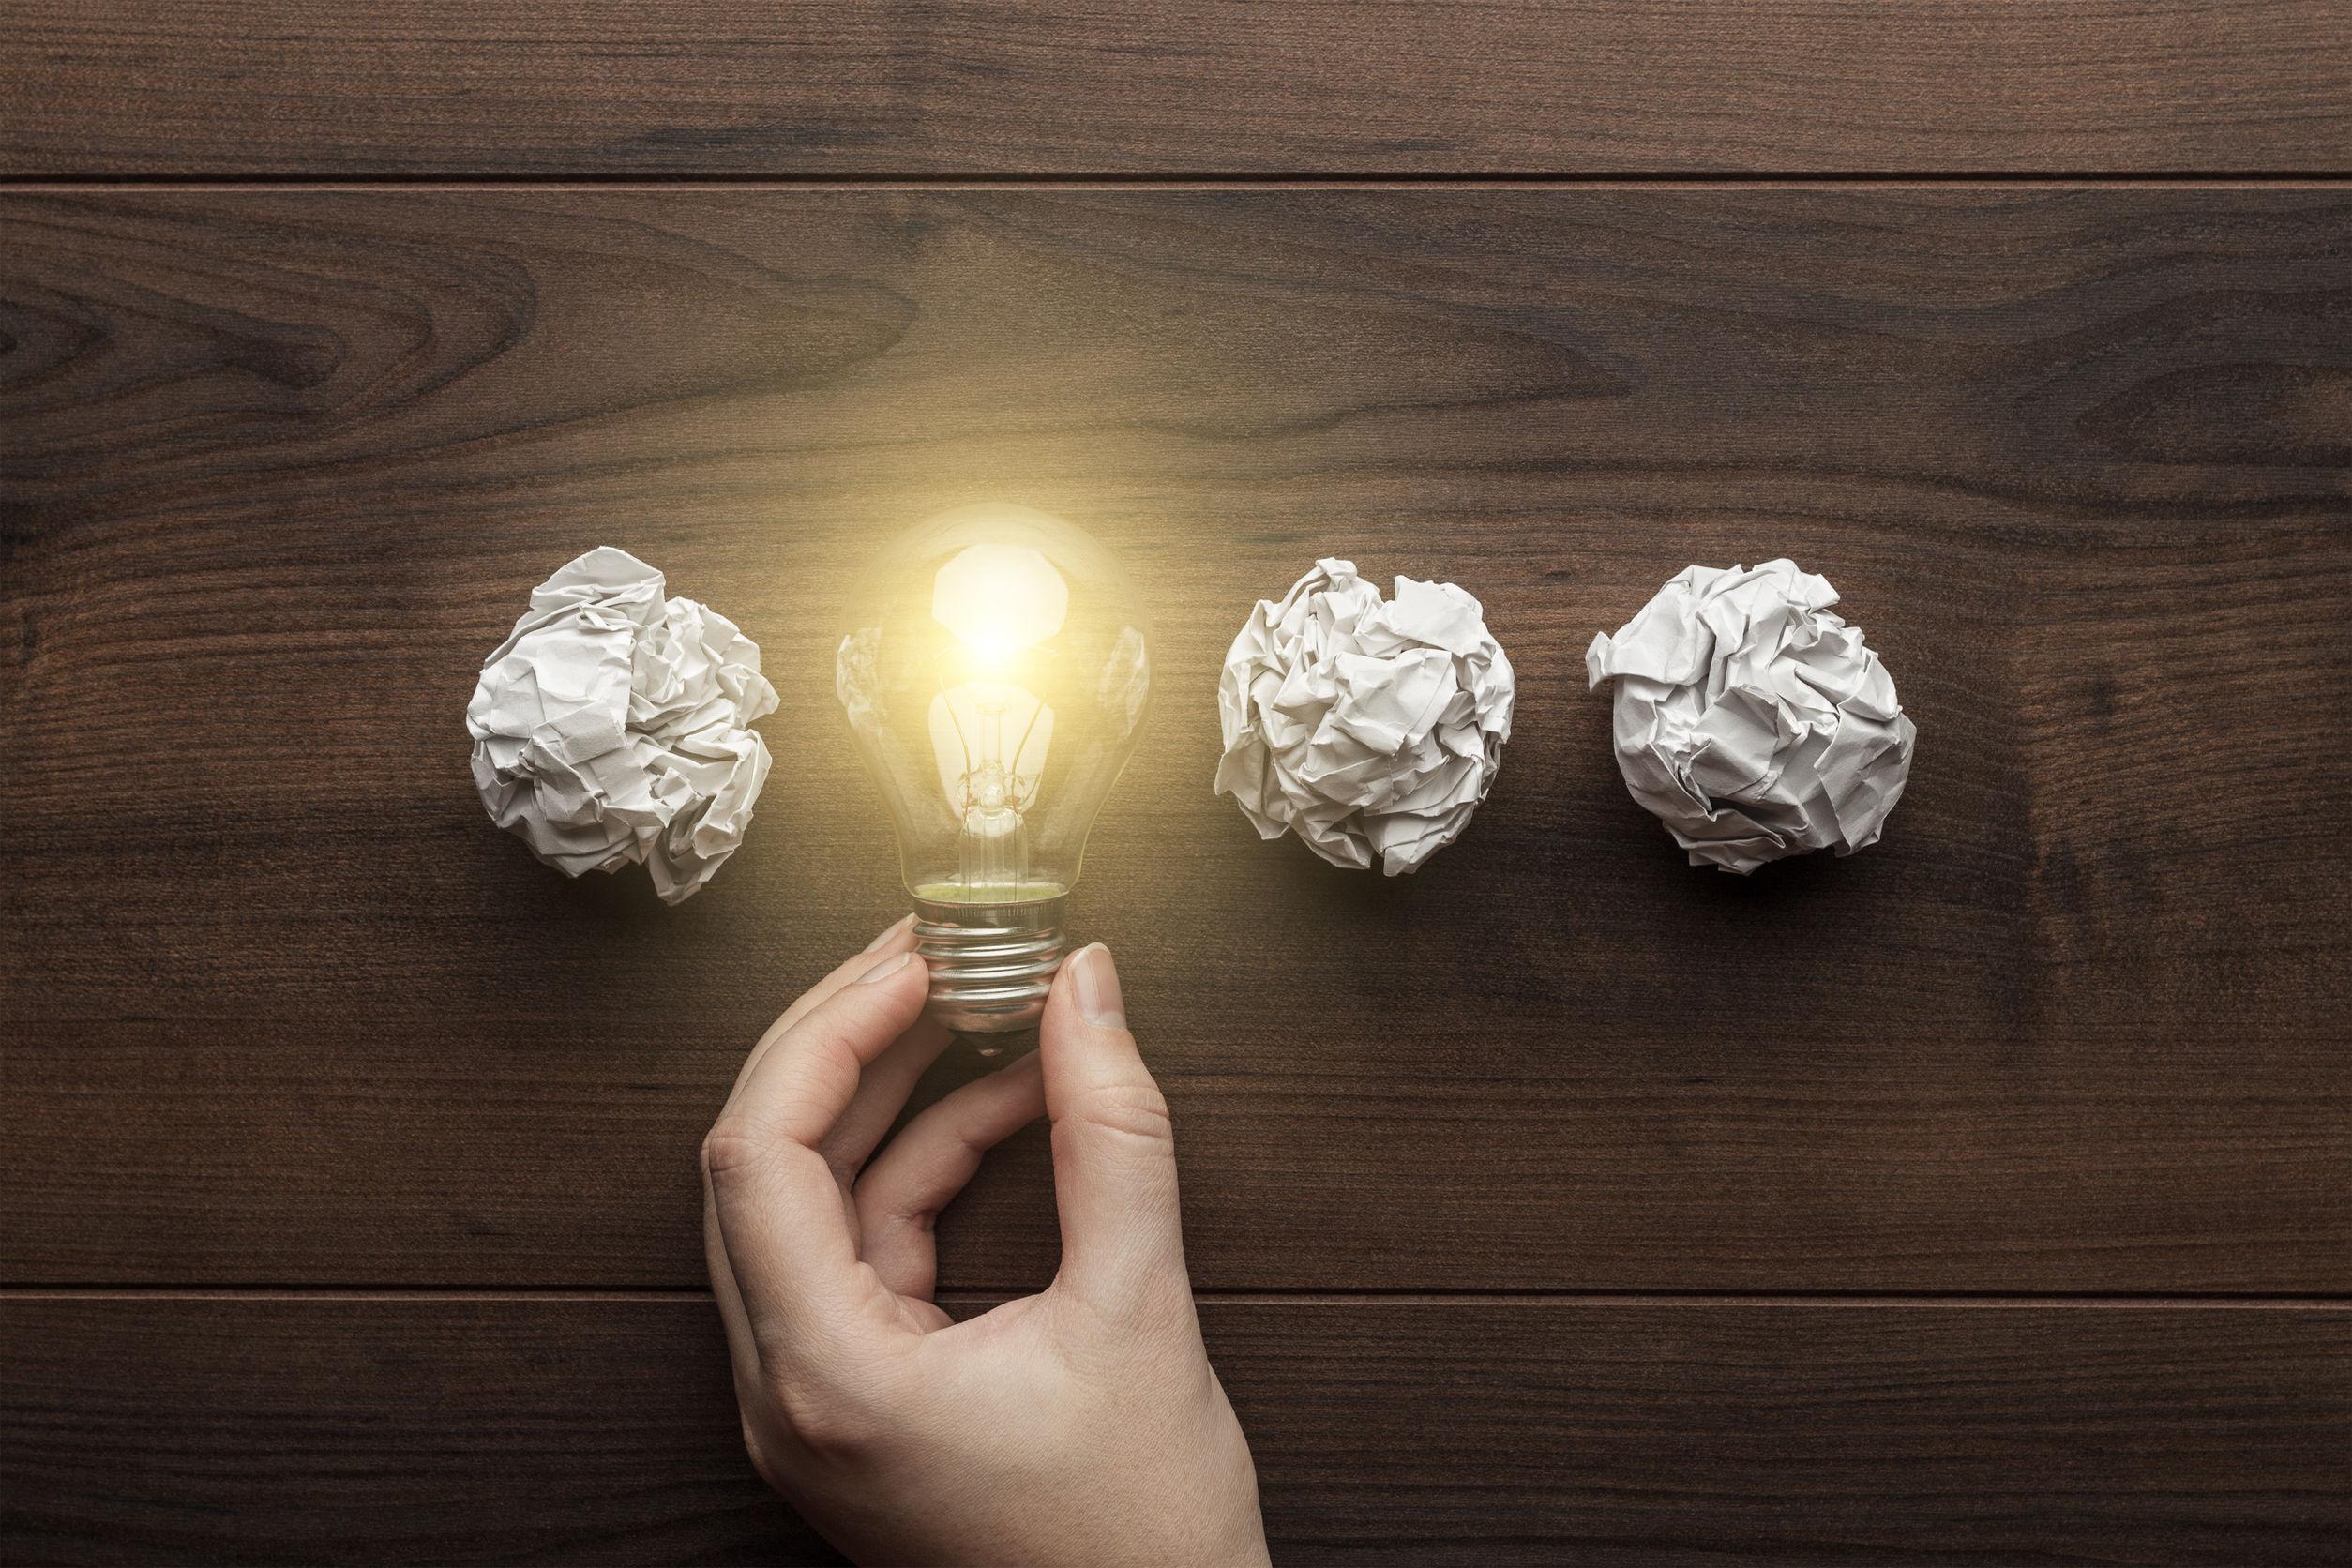 Na imagem, três bolas de papel amassado com uma lâmpada acesa, ilustrando a ideia que parte das três dicas de marketing de conteúdo